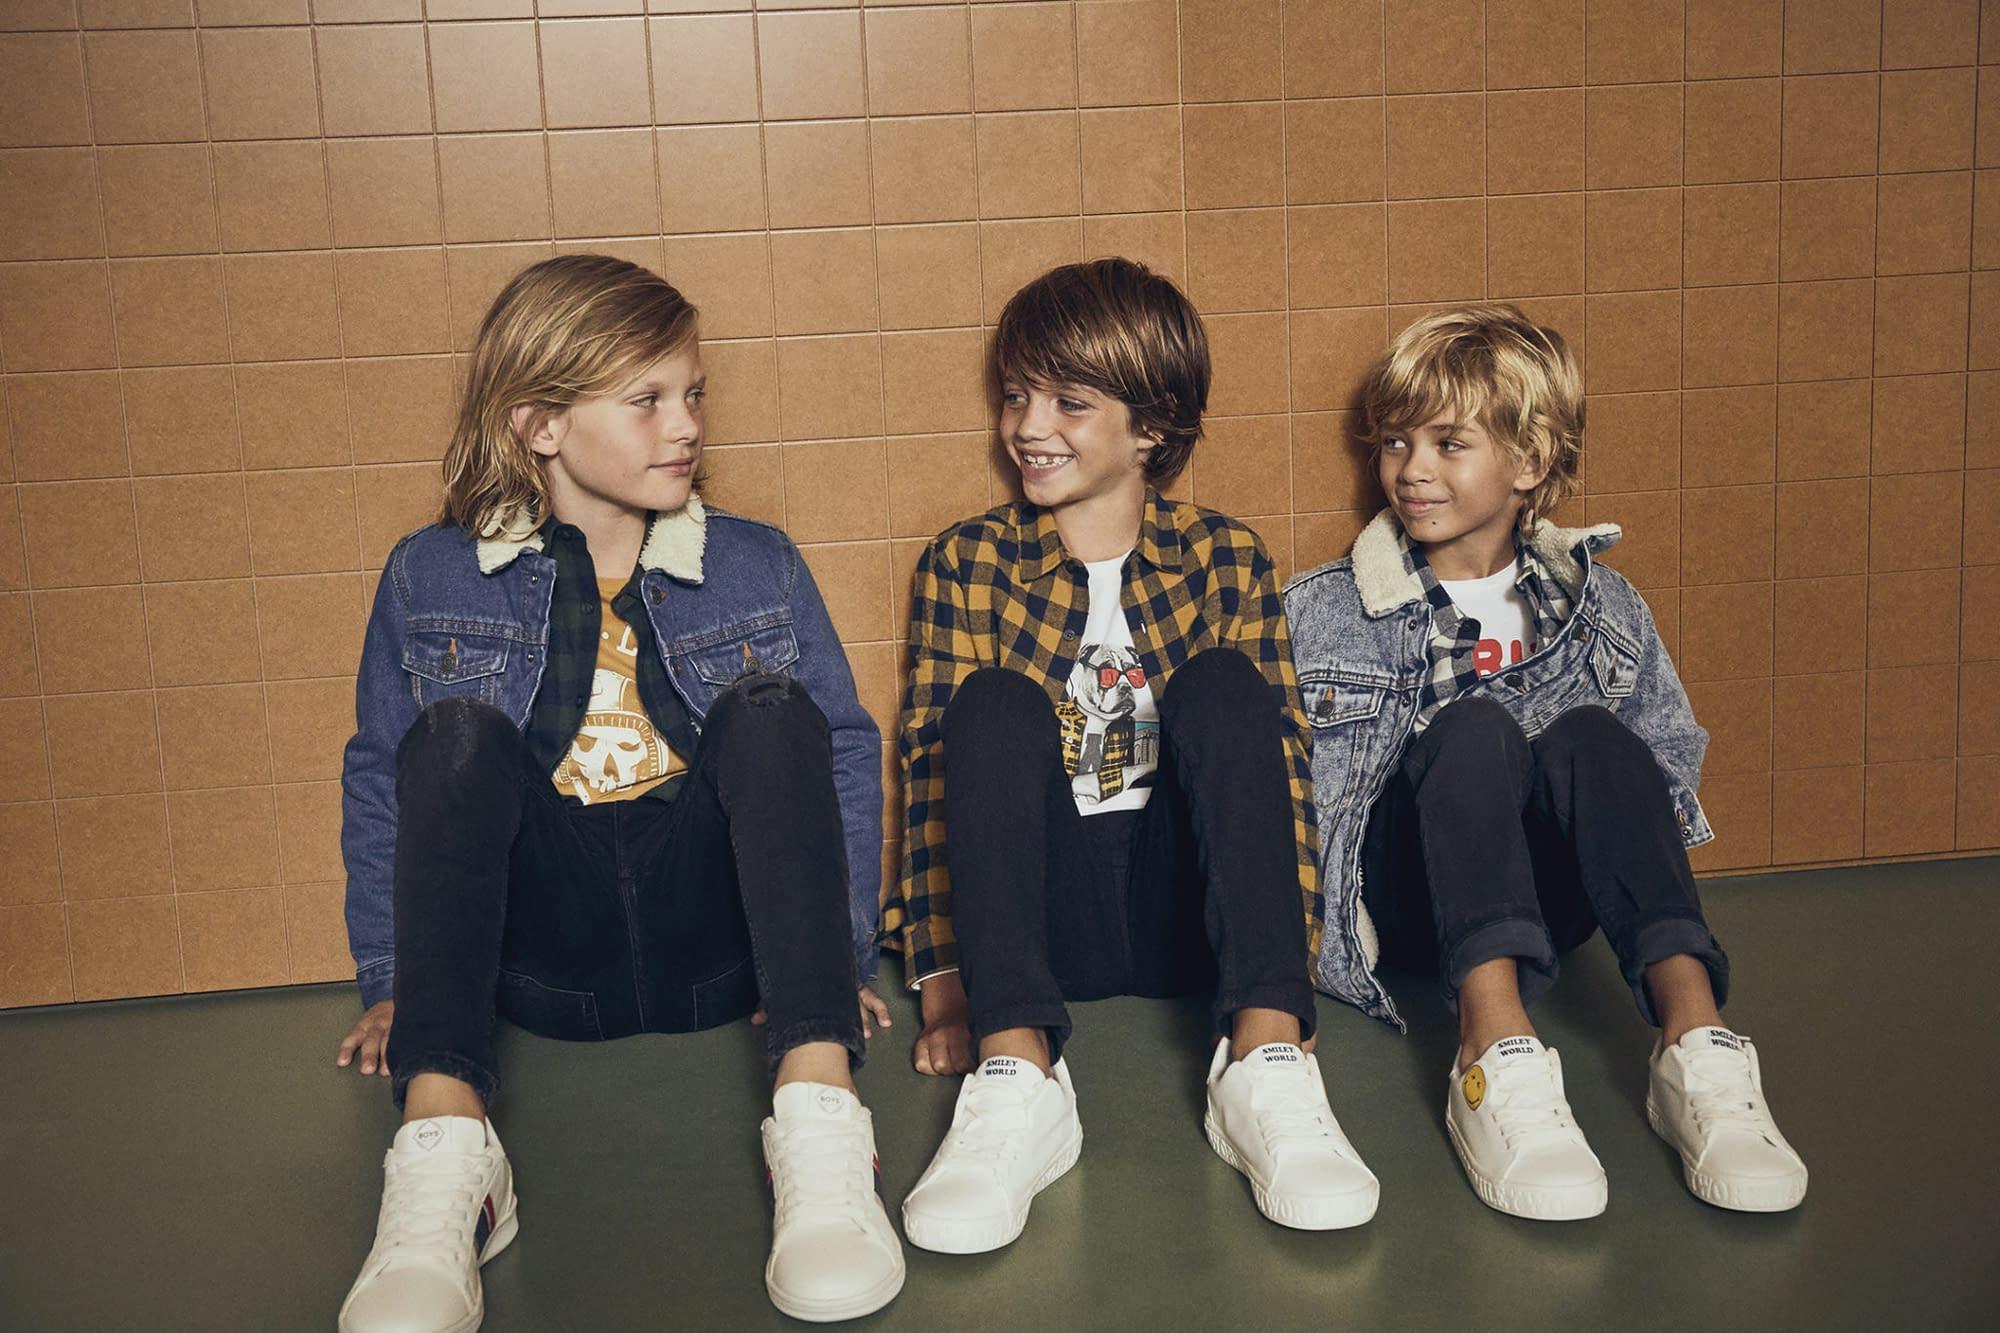 LEFTIES KIDS HW20 PHOTO BY ENRIC GALCERAN - 17